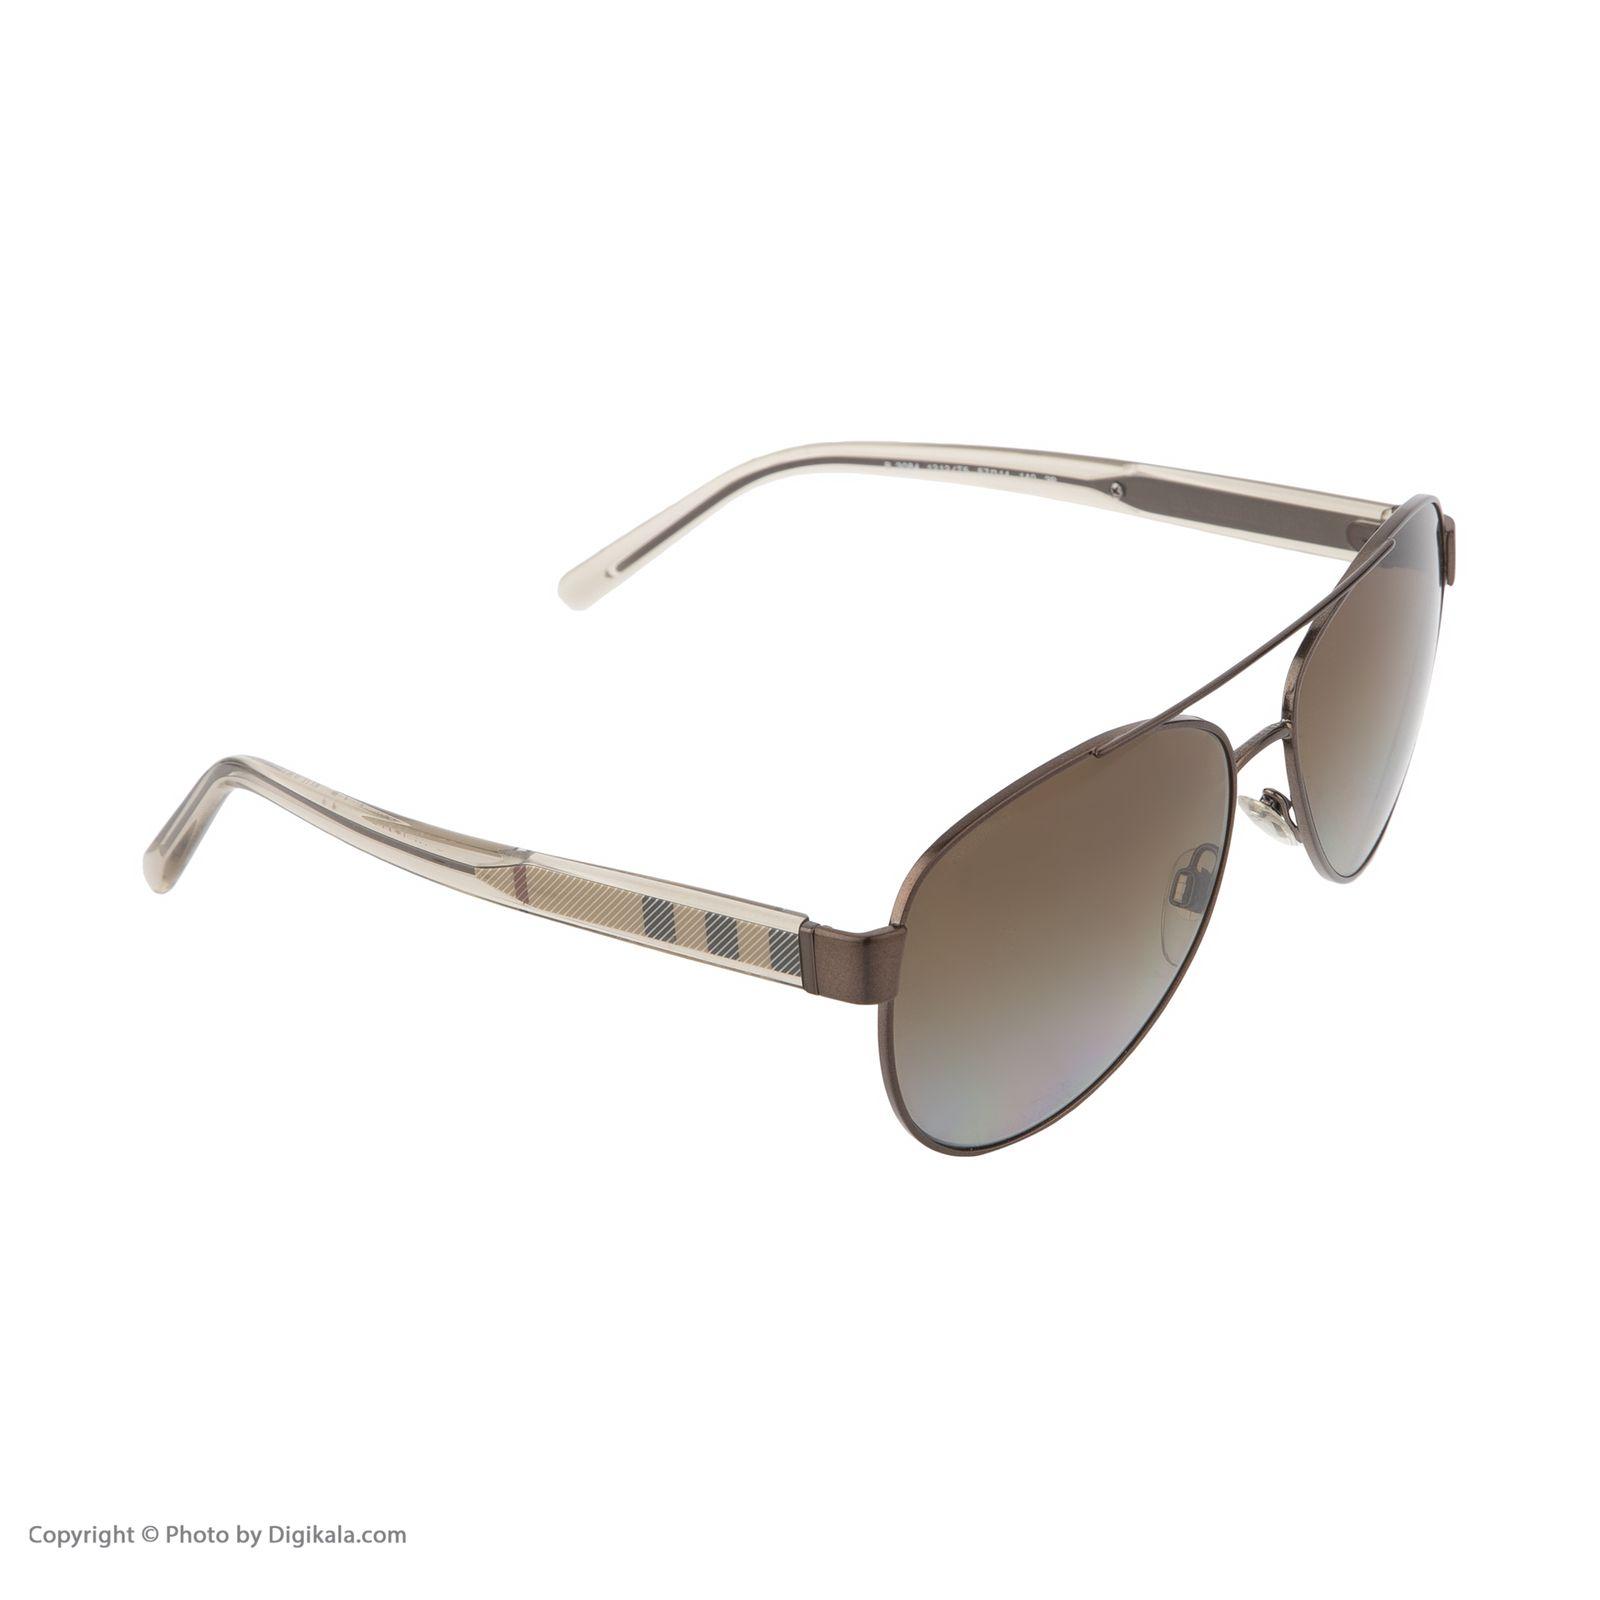 عینک آفتابی زنانه بربری مدل BE 3084S 1212T5 57 -  - 4